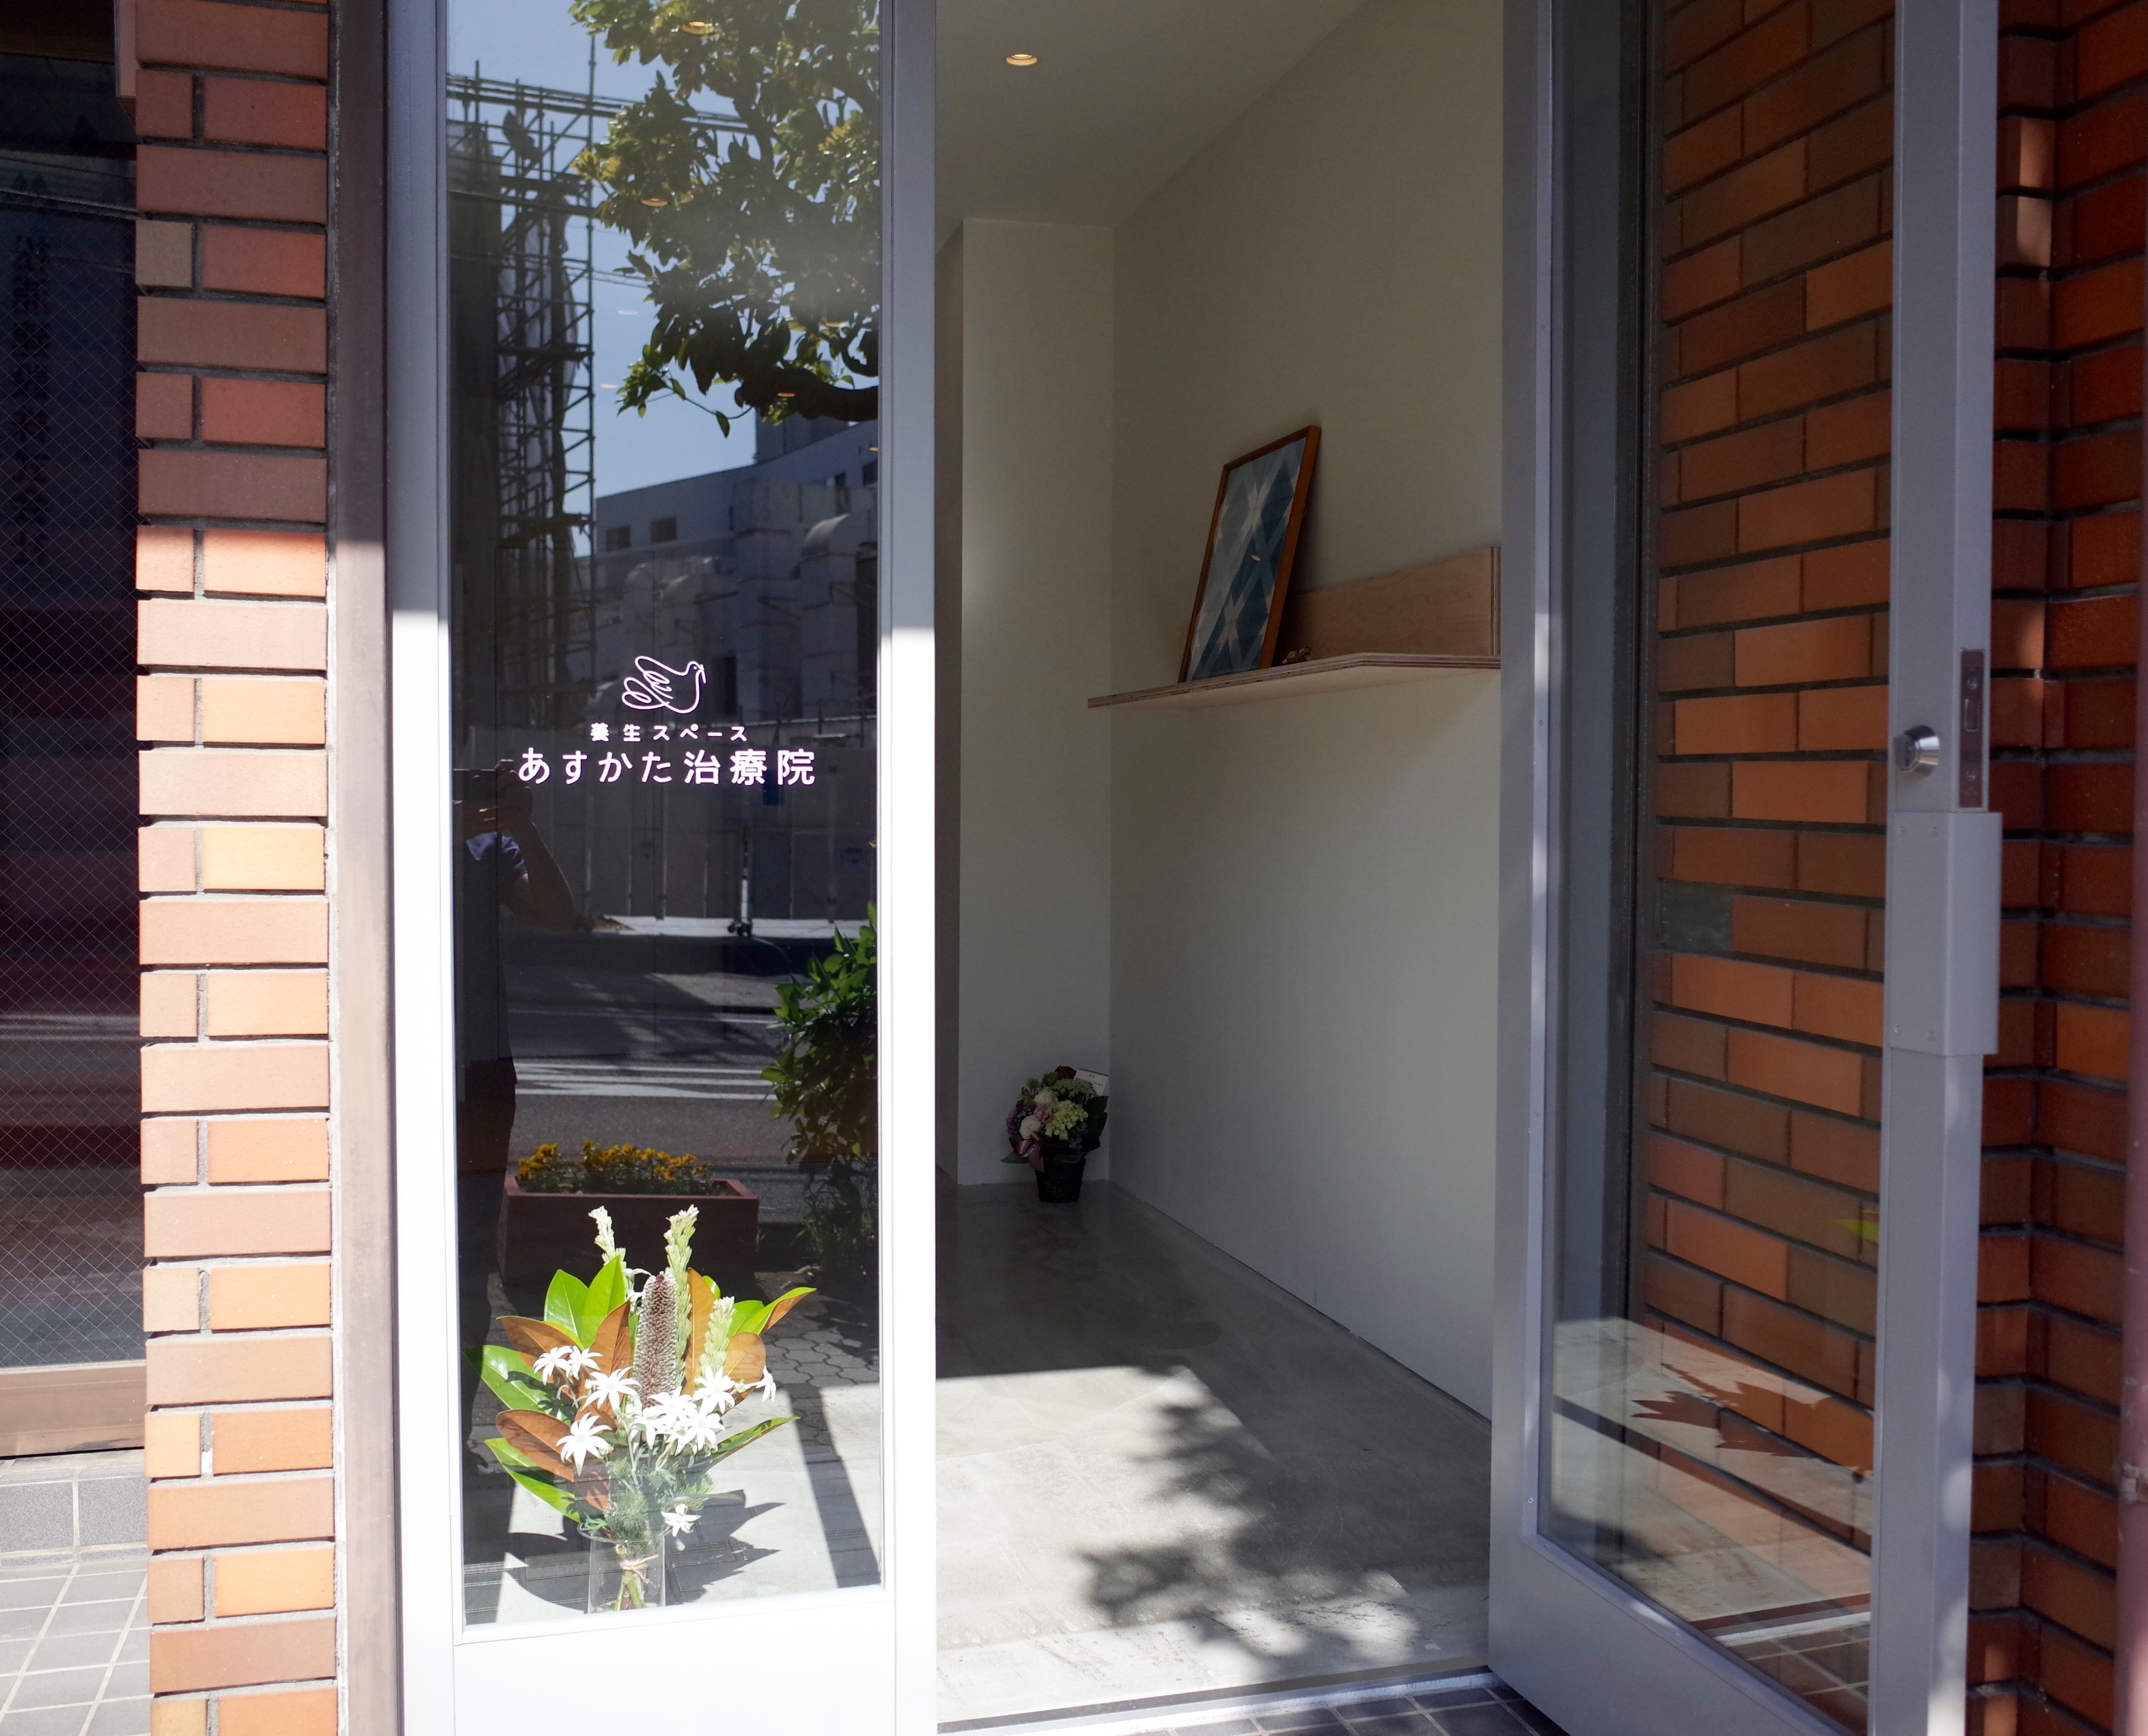 鍼灸 マッサージ 小田原駅徒歩3分|養生スペース あすかた治療院の外観写真